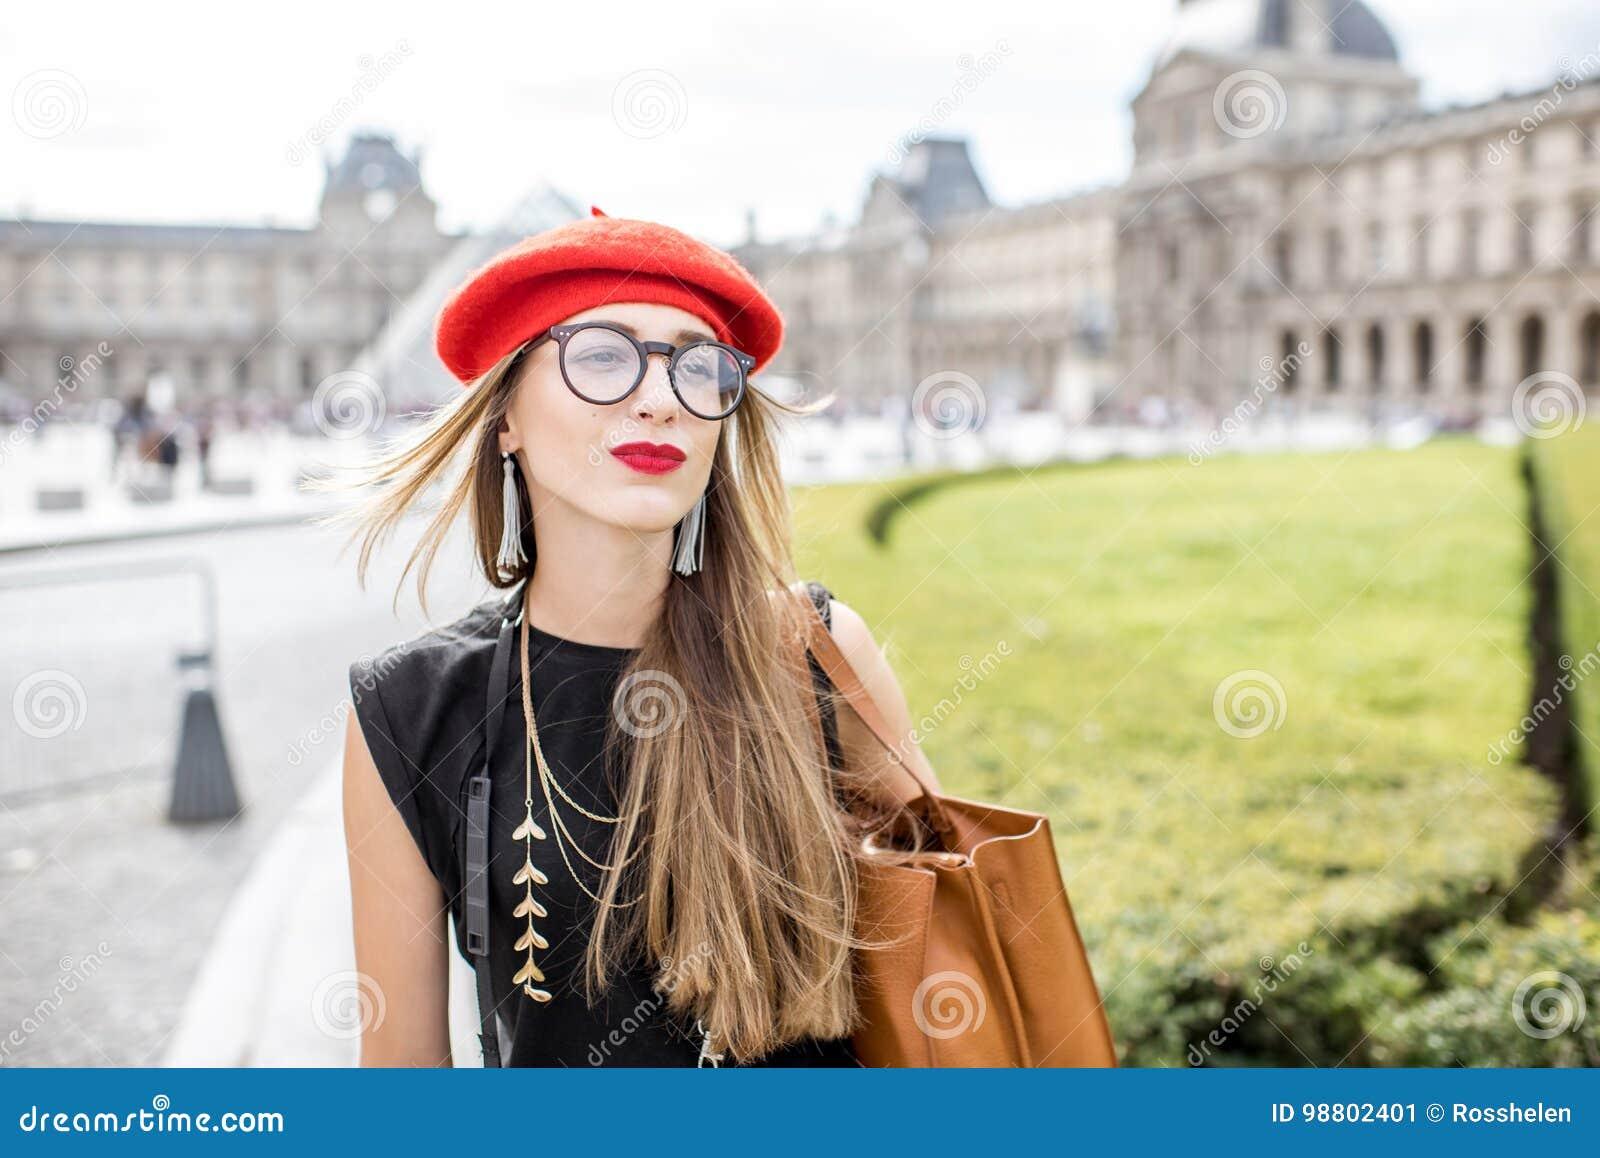 Lady Paris